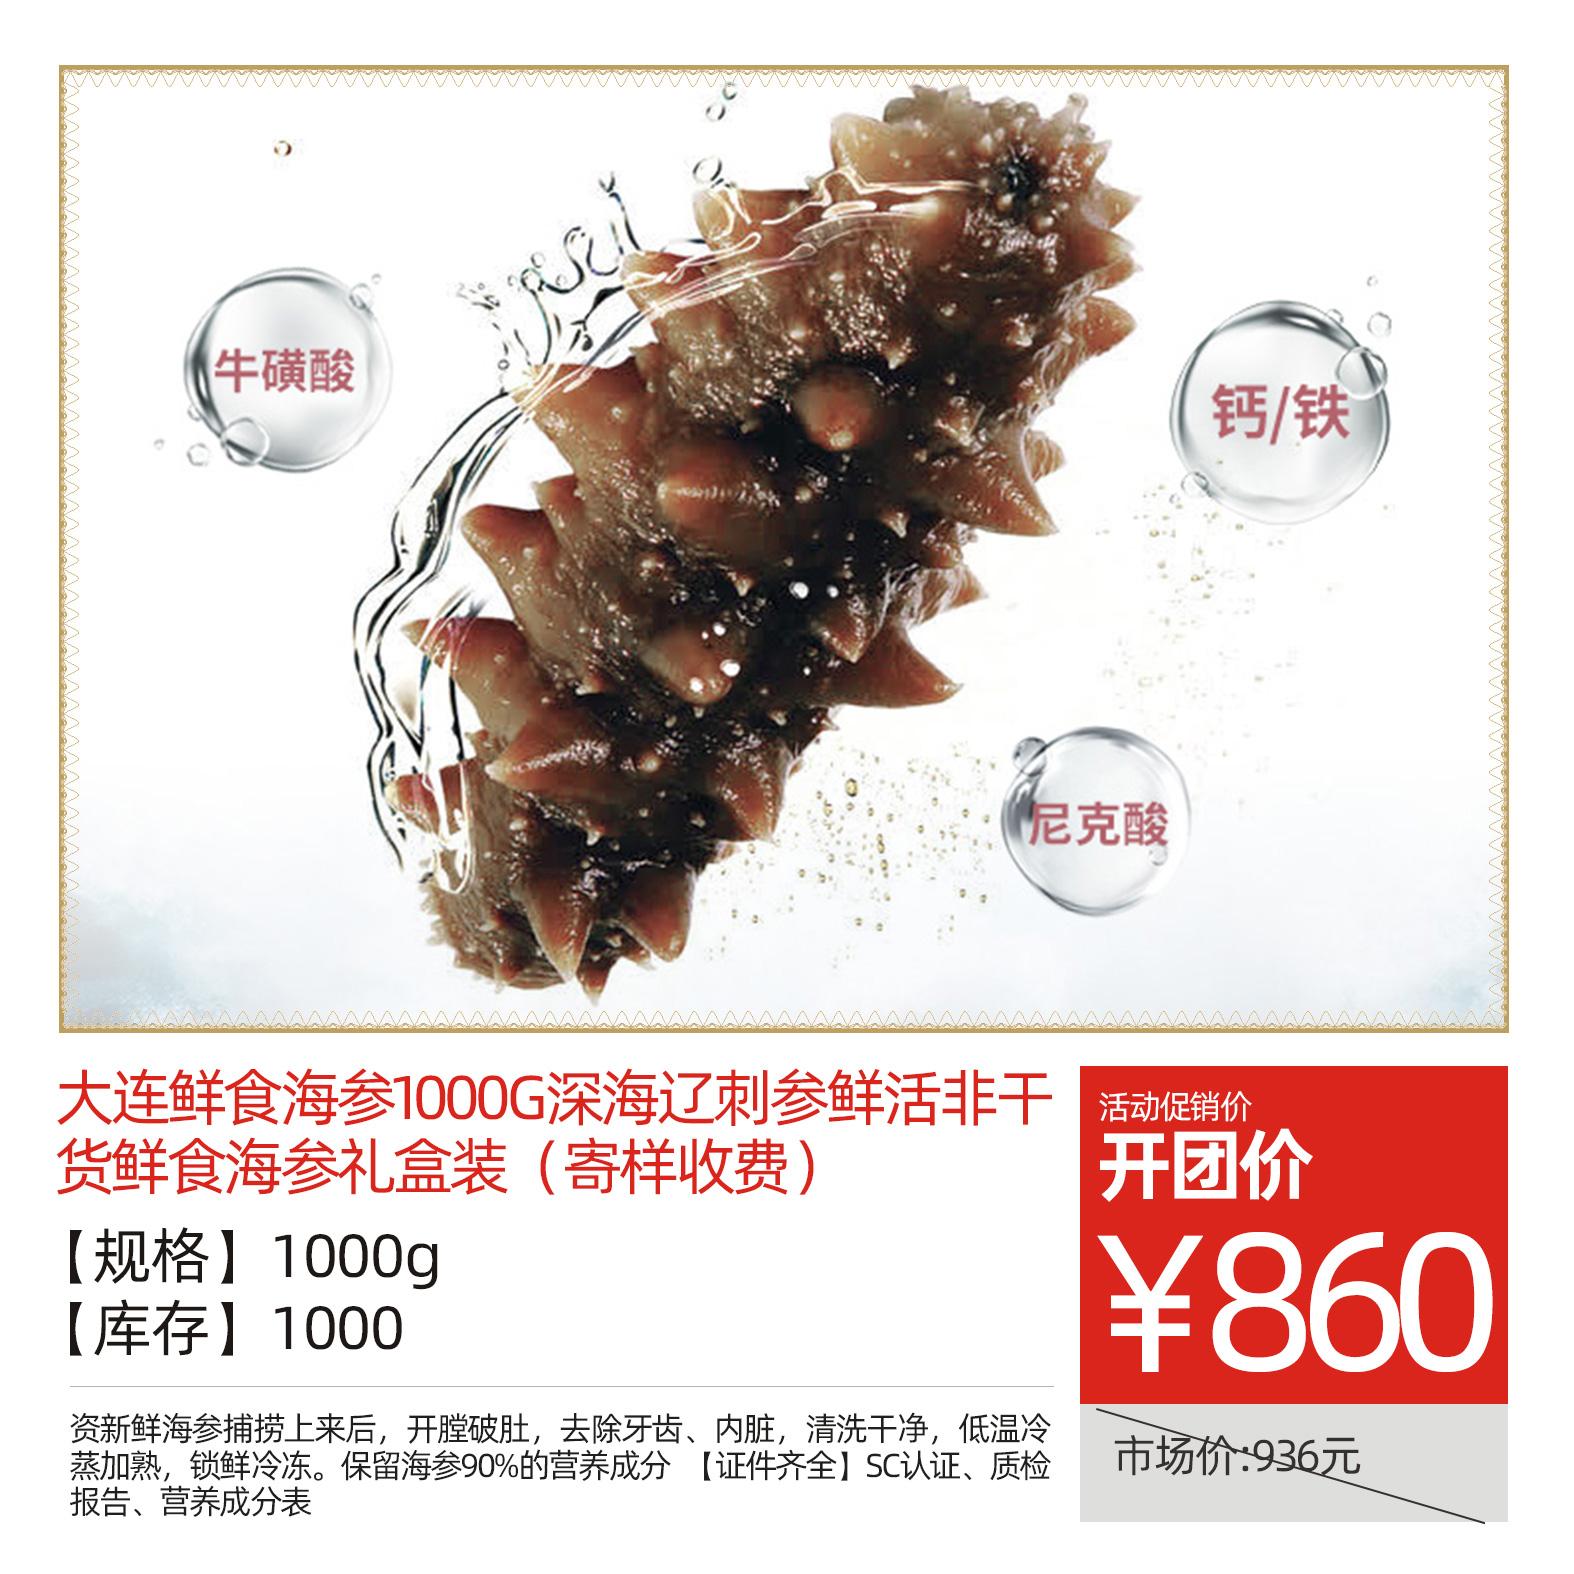 大连鲜食海参1000g深海辽刺参鲜活非干货鲜食海参礼盒装(寄样收费)